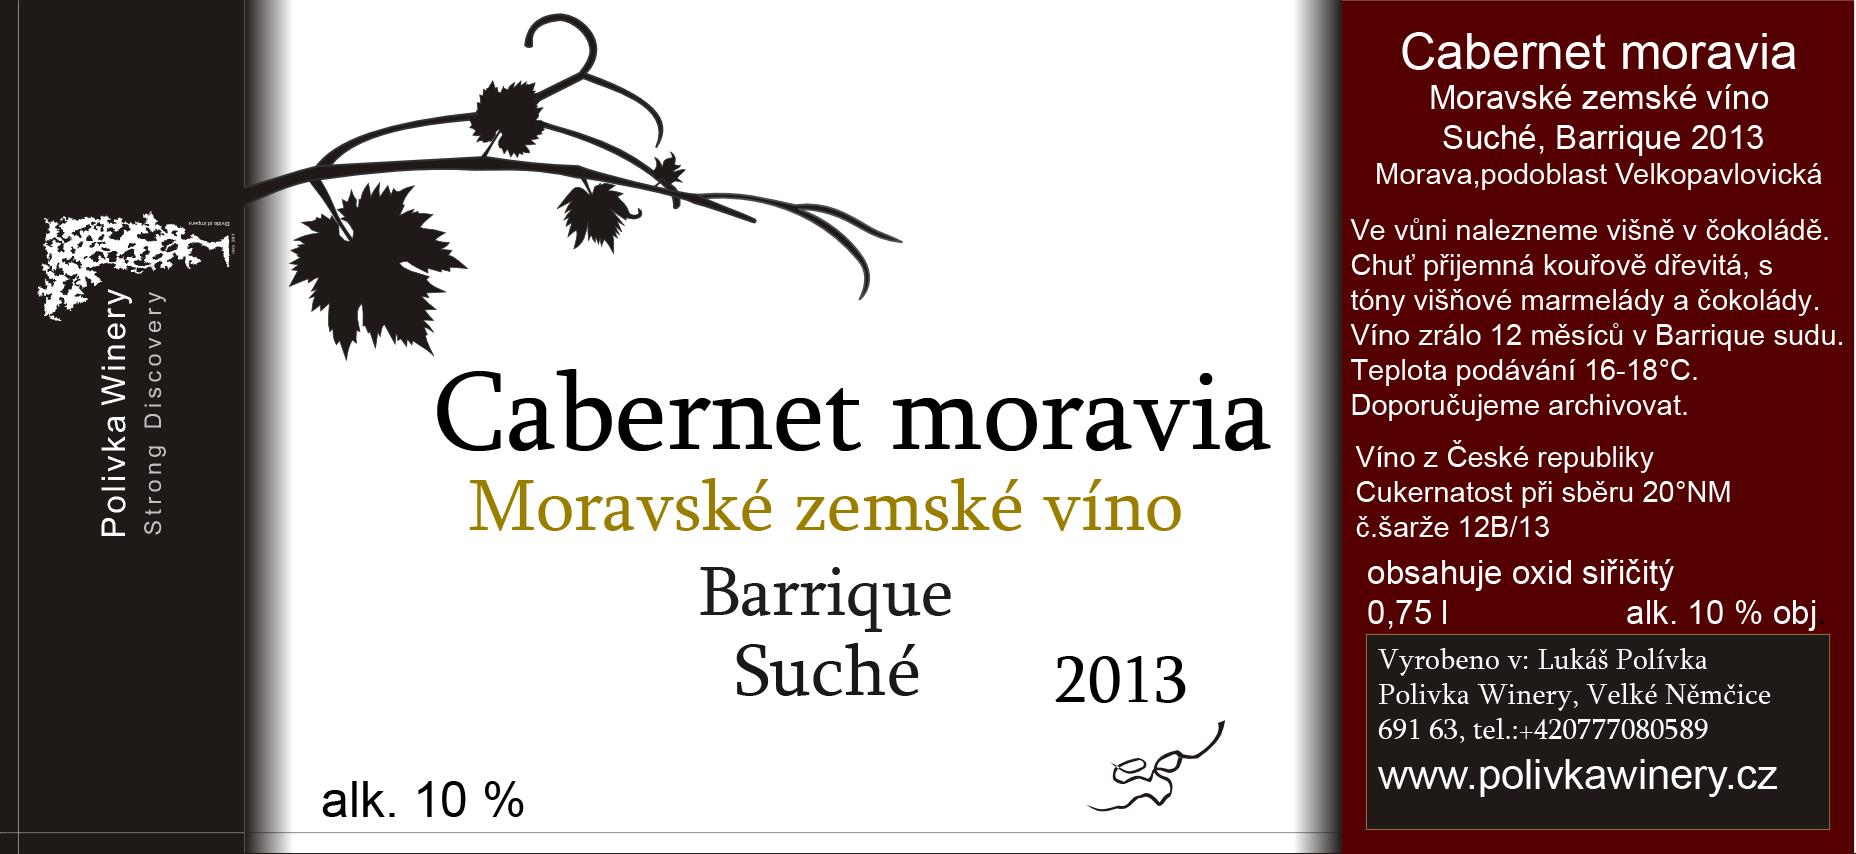 Polivka Winery - Cabernet Moravia - Zemské víno 2013 - 0,75l